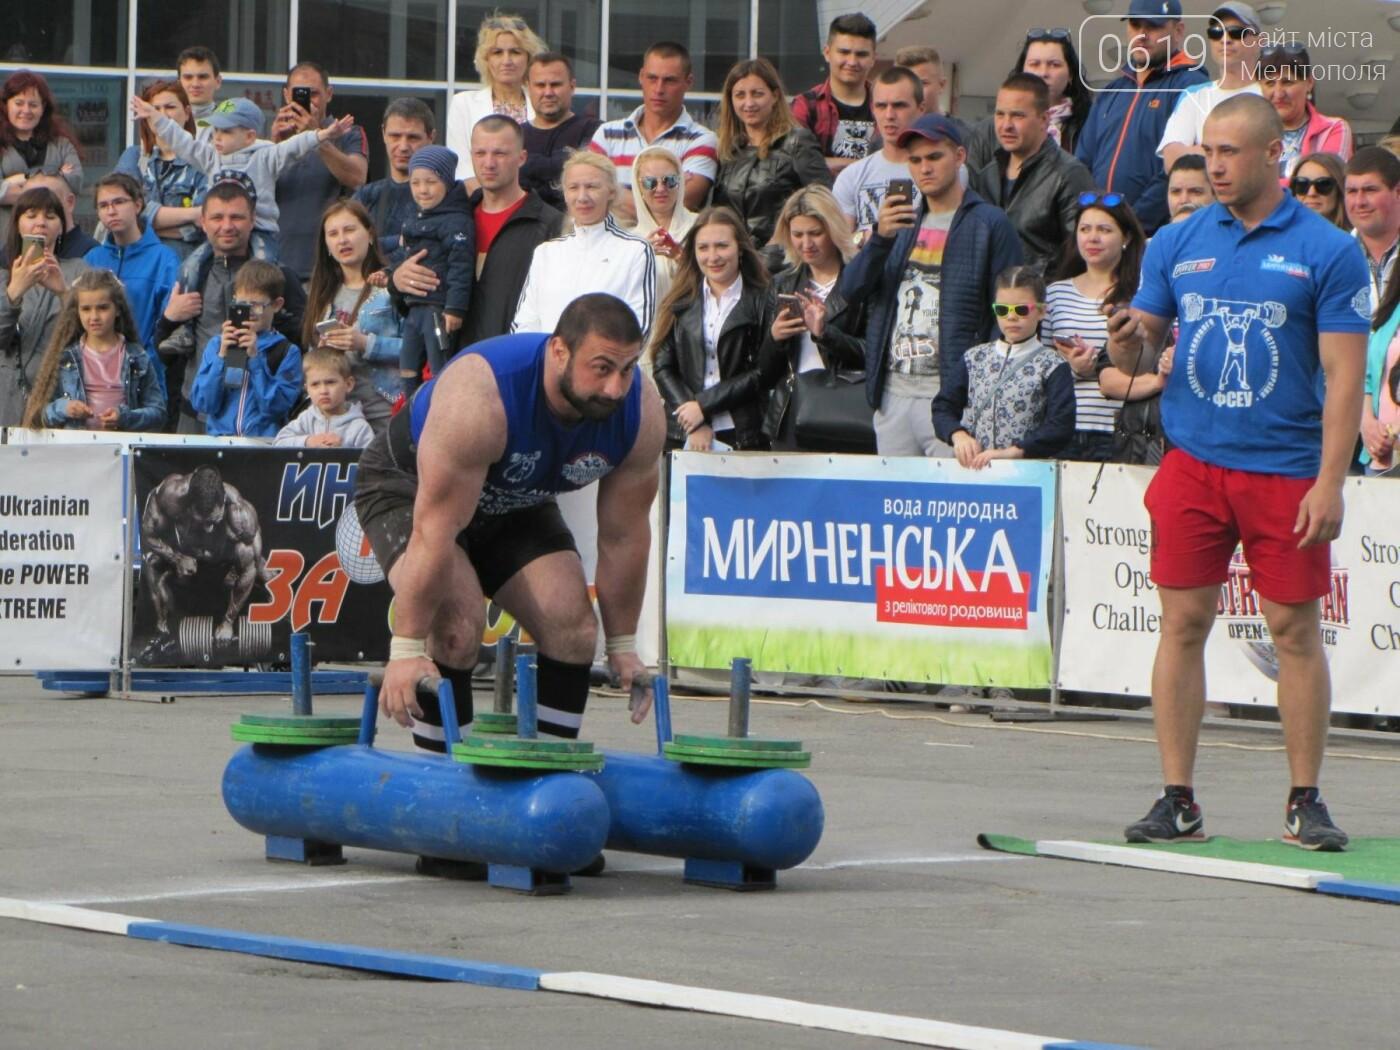 Три победы за неделю: мелитопольский богатырь выиграл второй этап международного чемпионата, фото-30